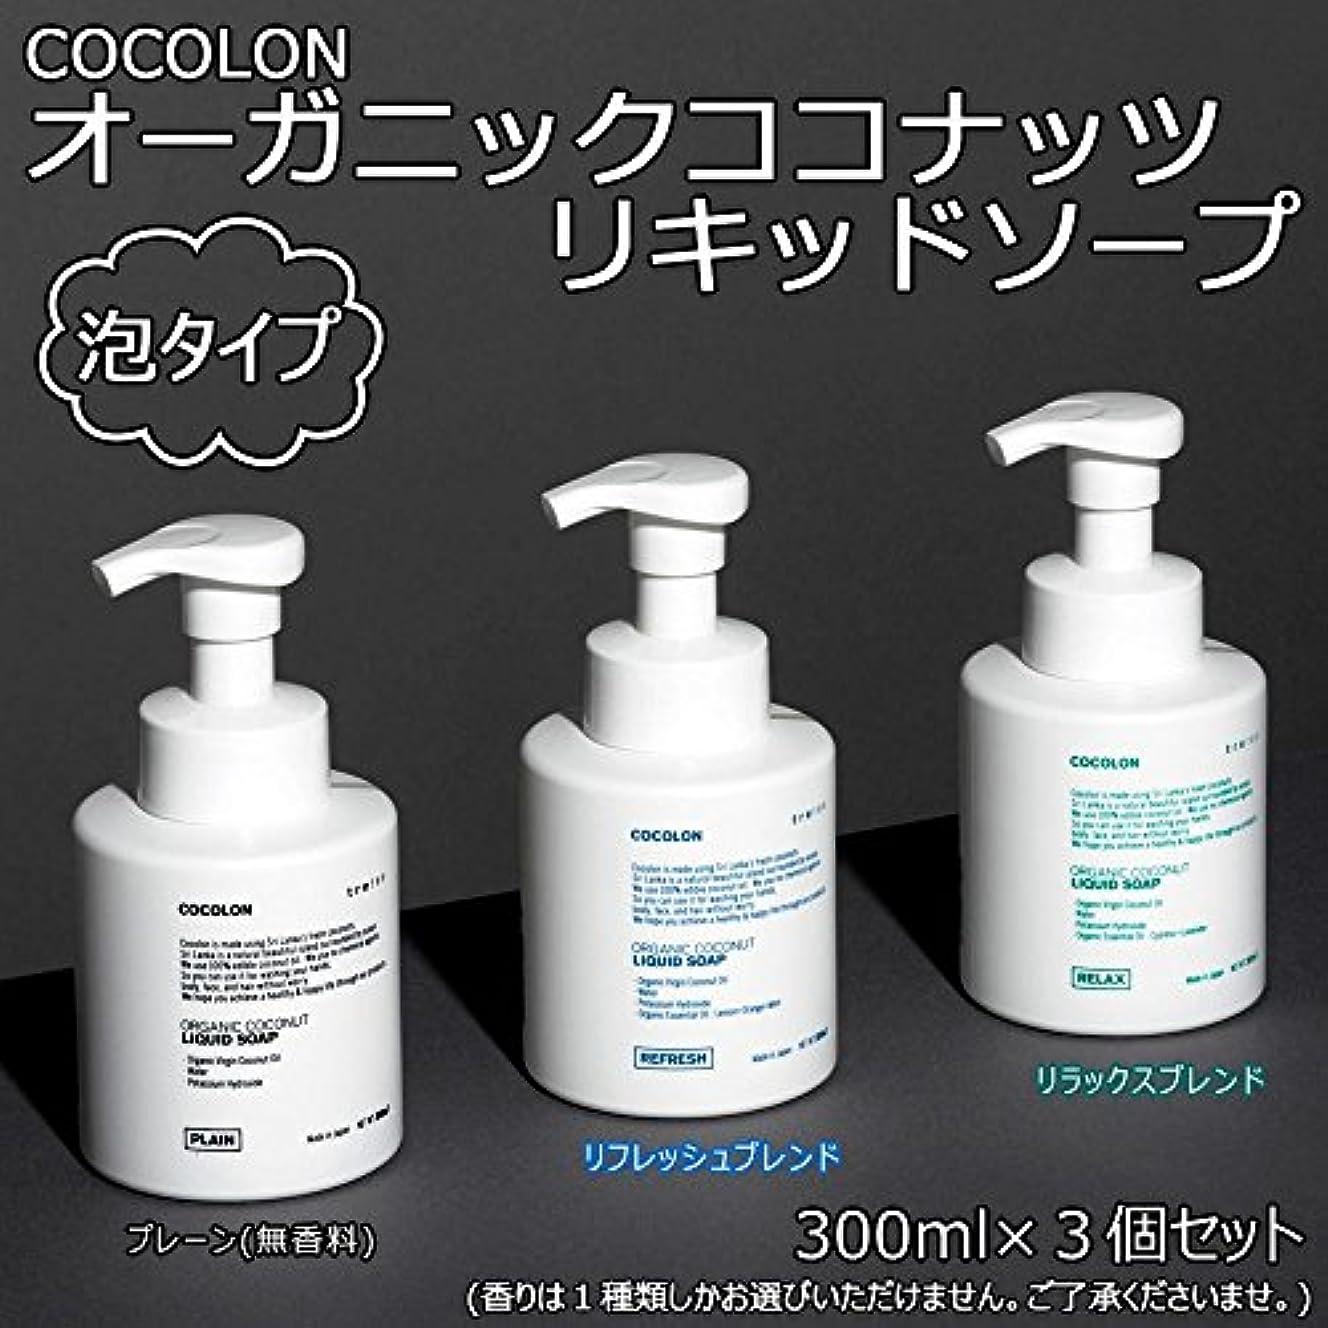 セグメント何故なの高層ビルCOCOLON ココロン オーガニックココナッツリキッドソープ 泡タイプ 300ml 3個セット【同梱?代引不可】 ■3種類の内「リフレッシュブレンド」のみです